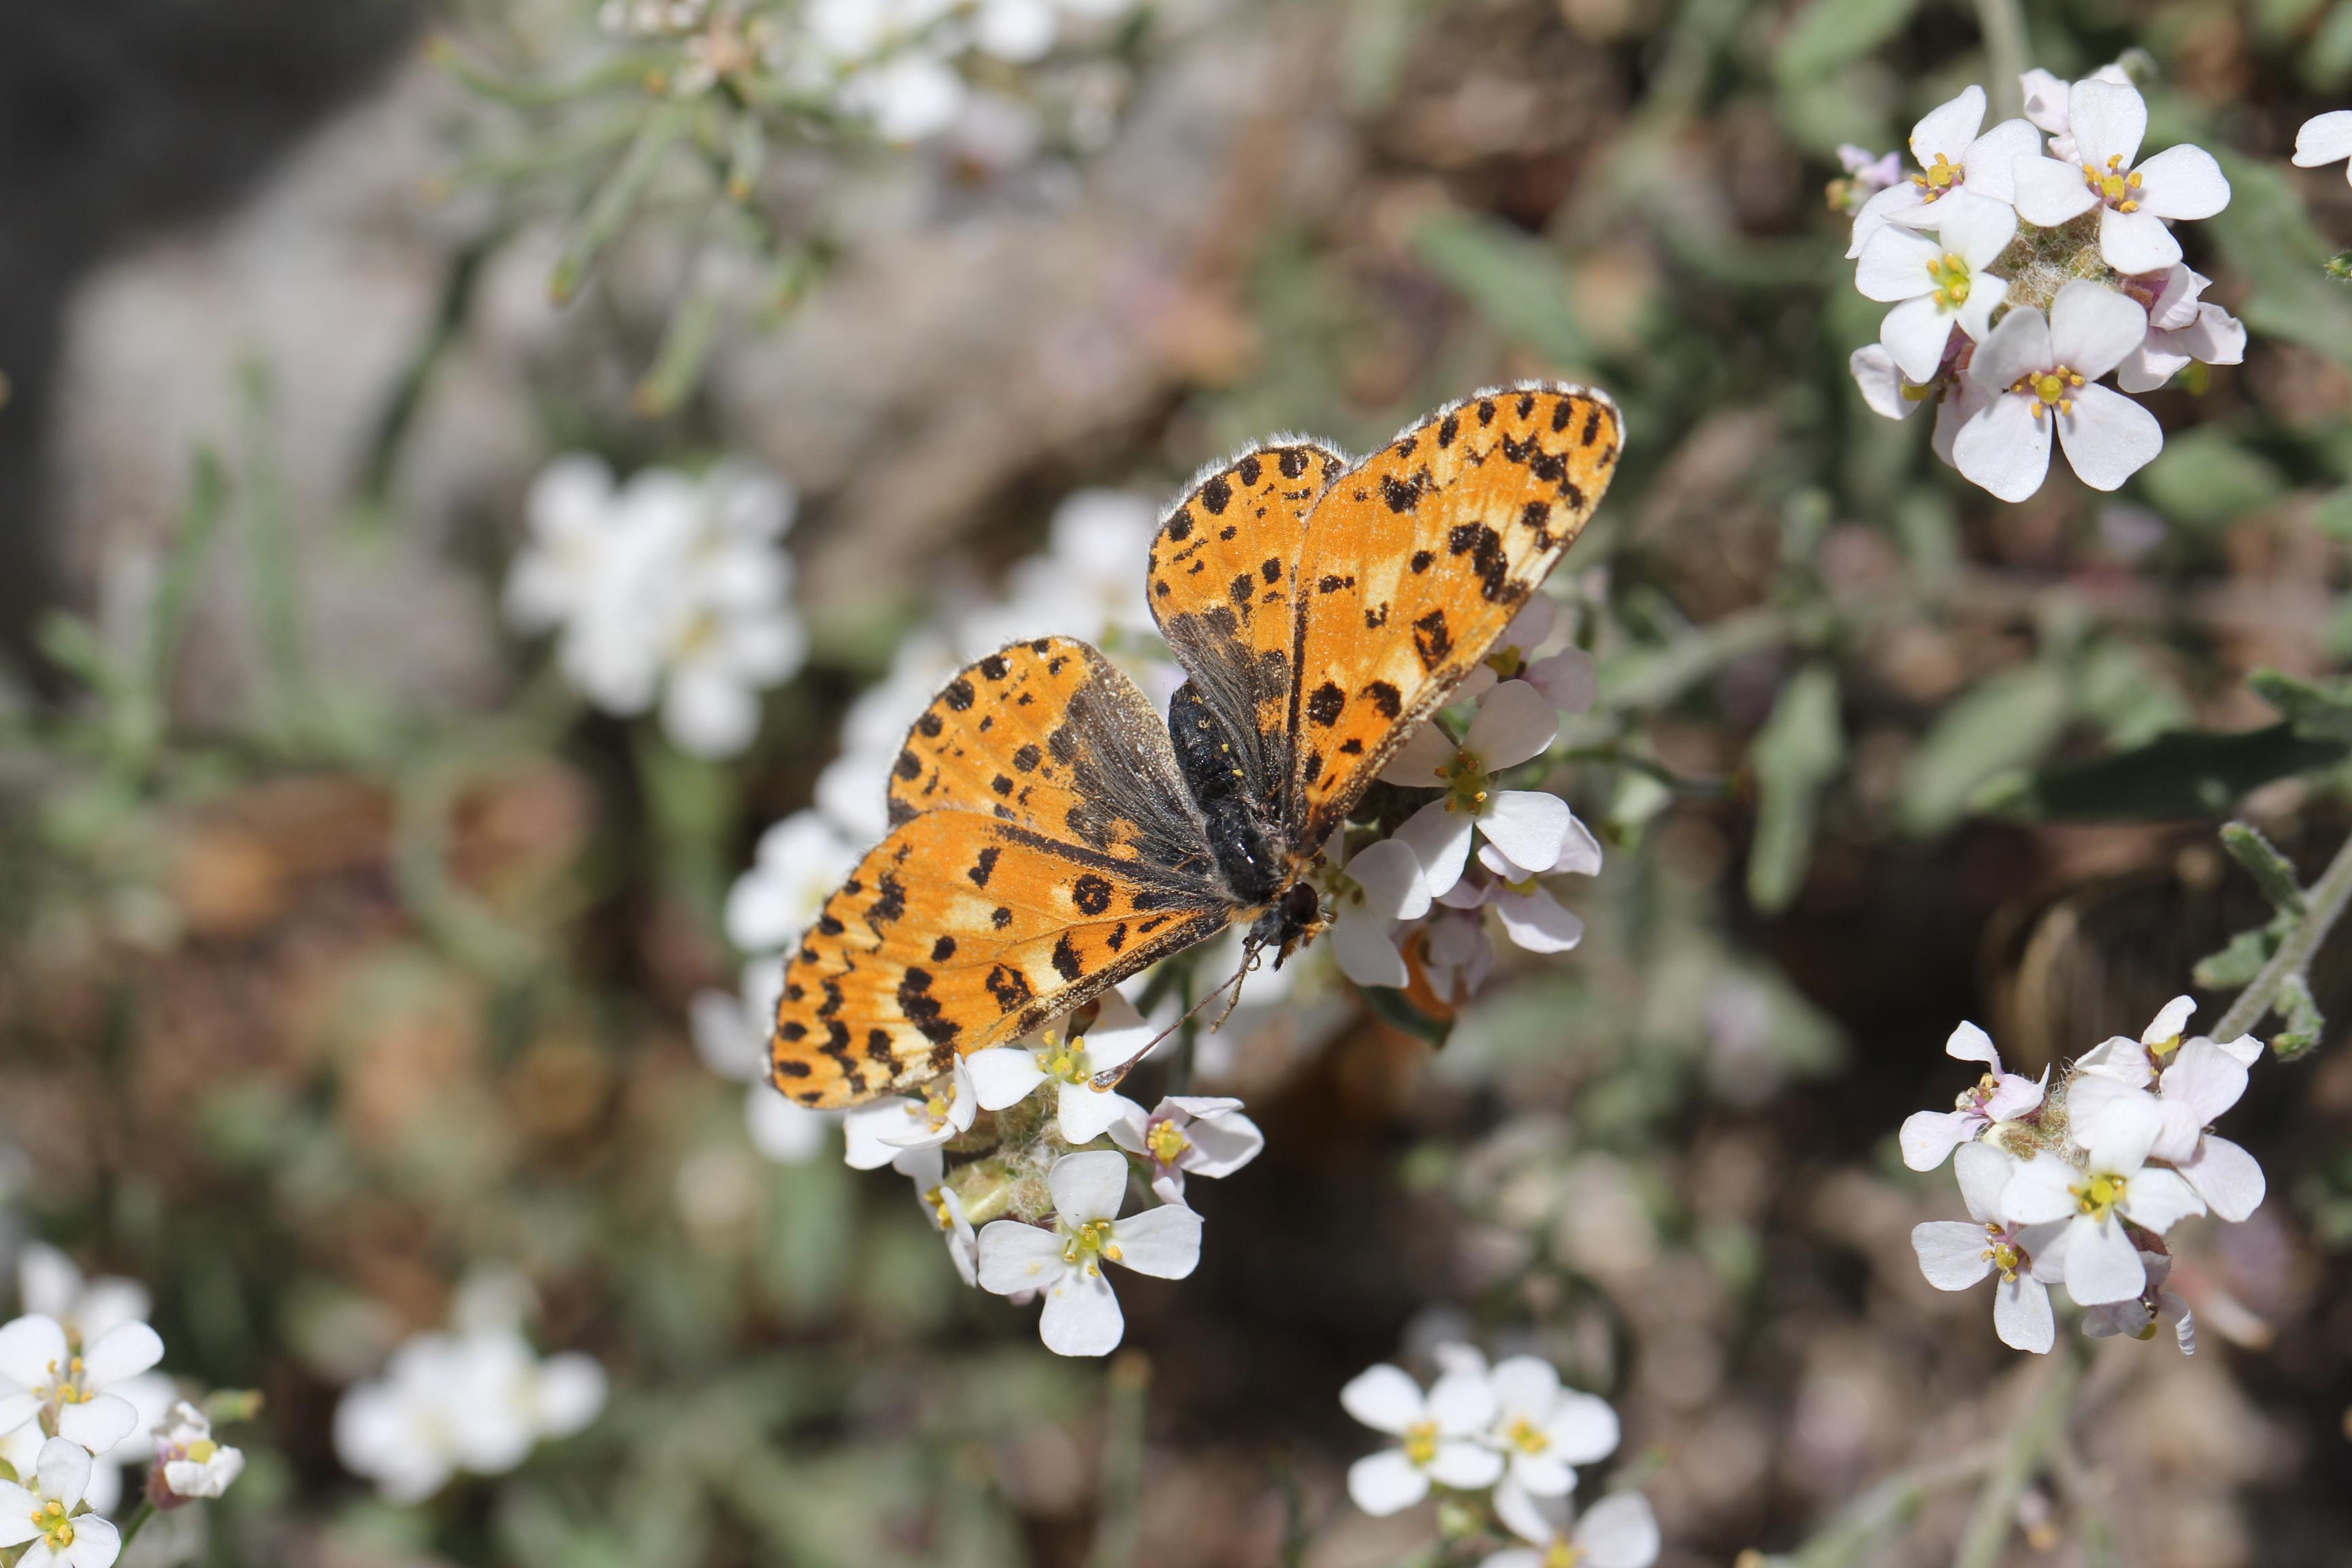 宁夏科普作品创作与传播大赛二等奖《环境监测小精灵——蝴蝶》